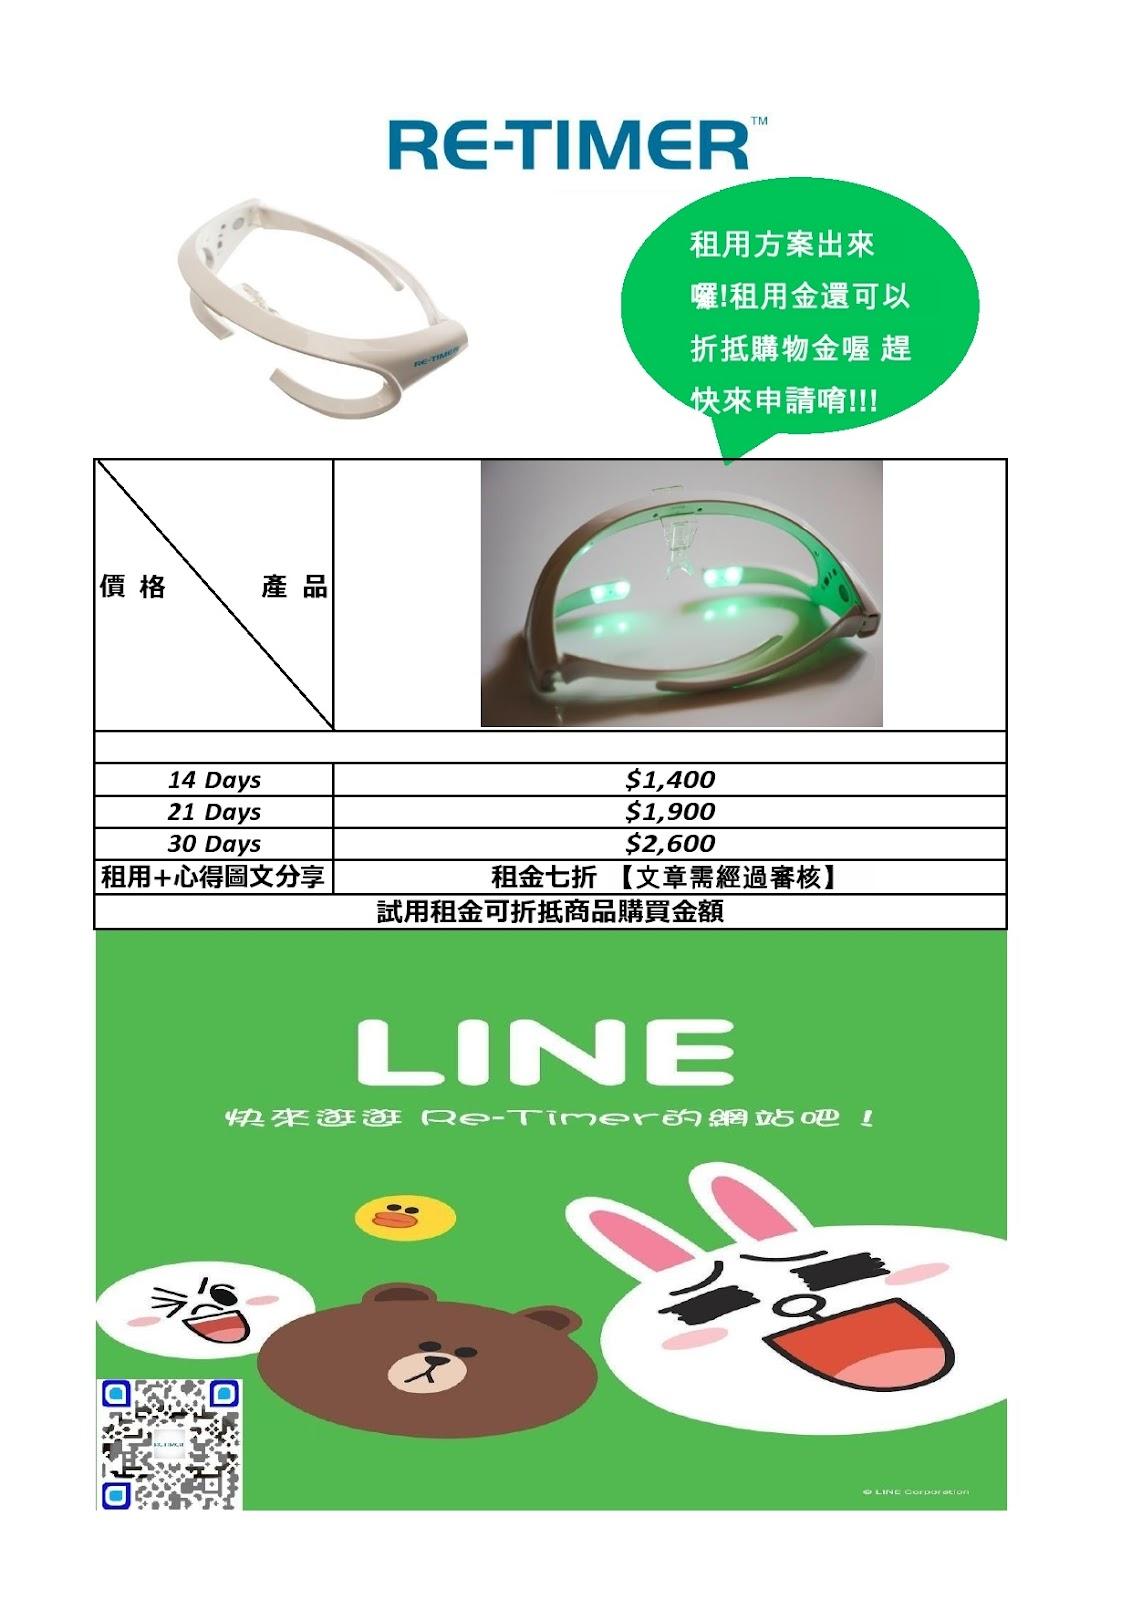 華南銀行 代碼:008  帳號:112101117881 (匯款後電話通知服務人員)